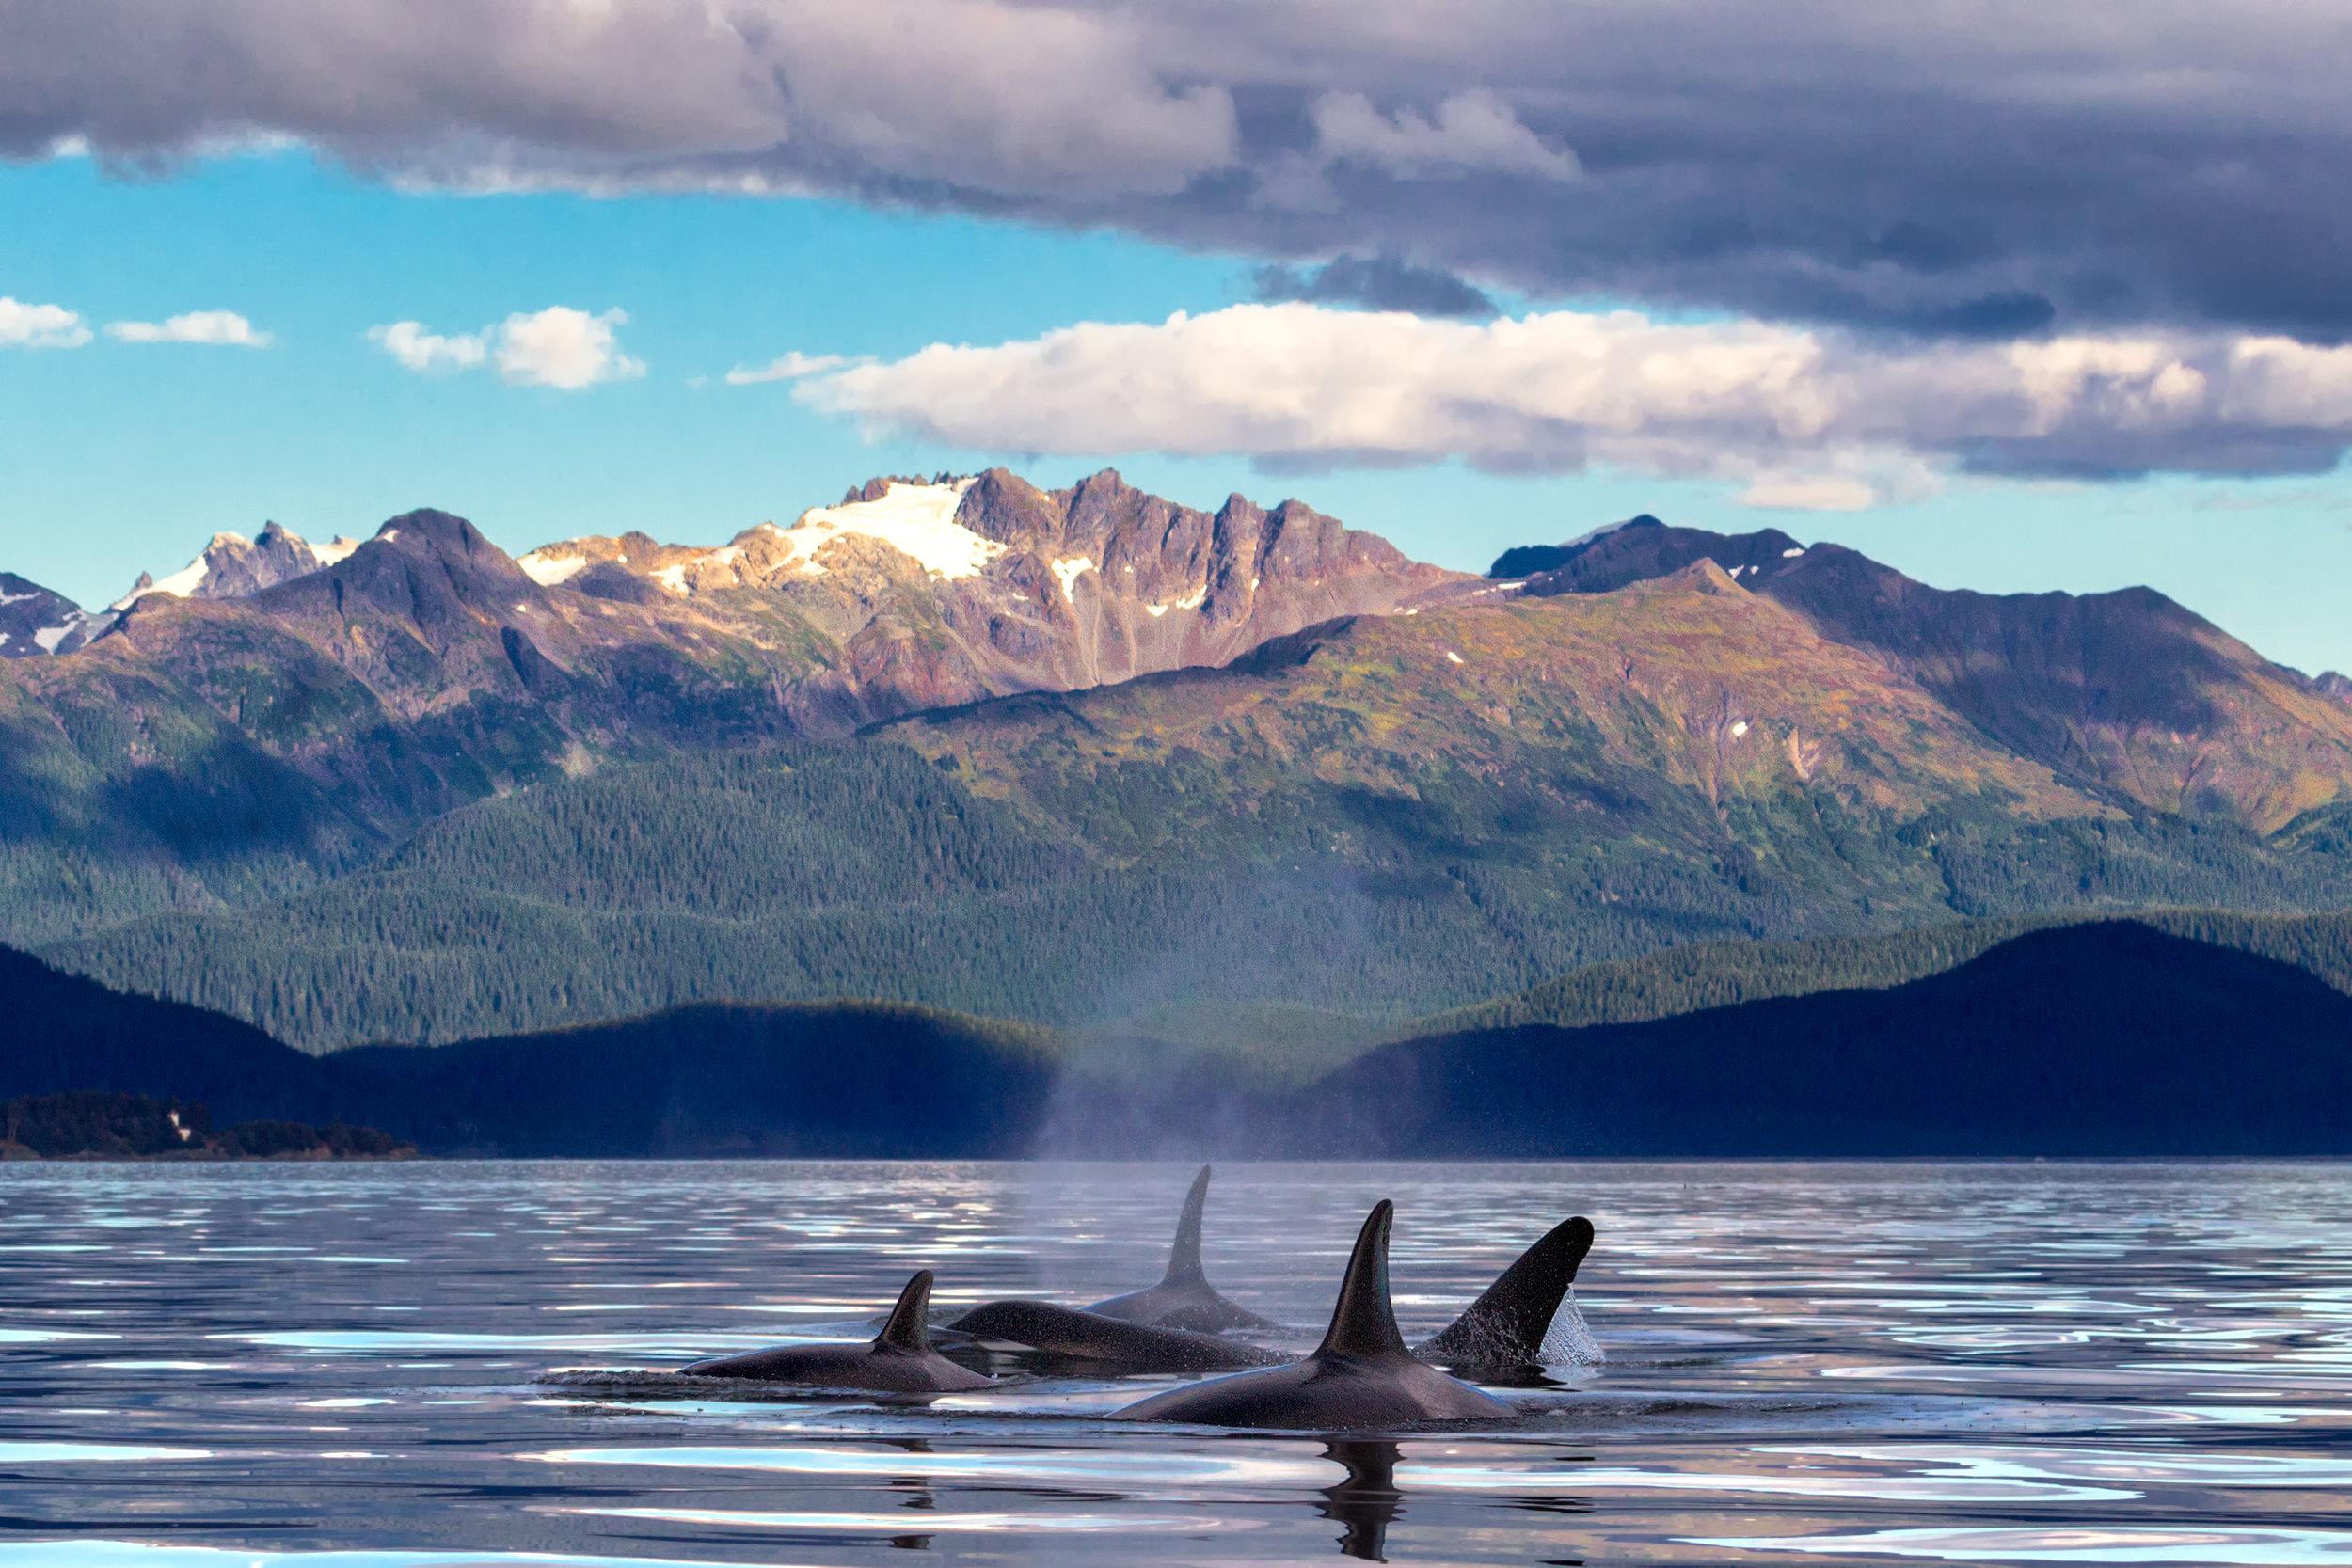 Orca-Mountain-Sunset.jpg